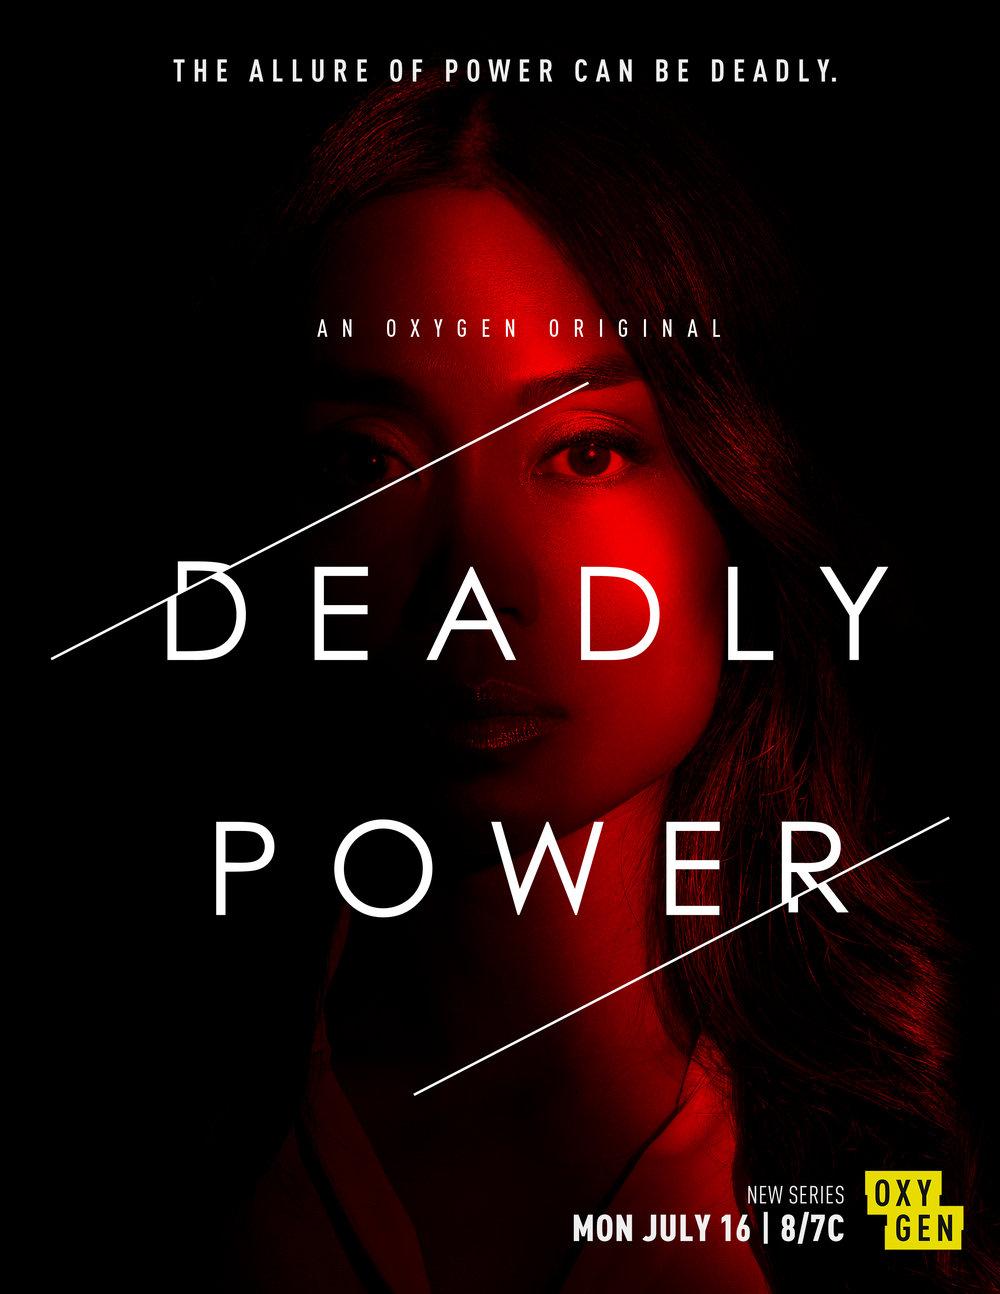 Deadly_Power_KeyArt8.5x11_300dpi_Michelle.jpg